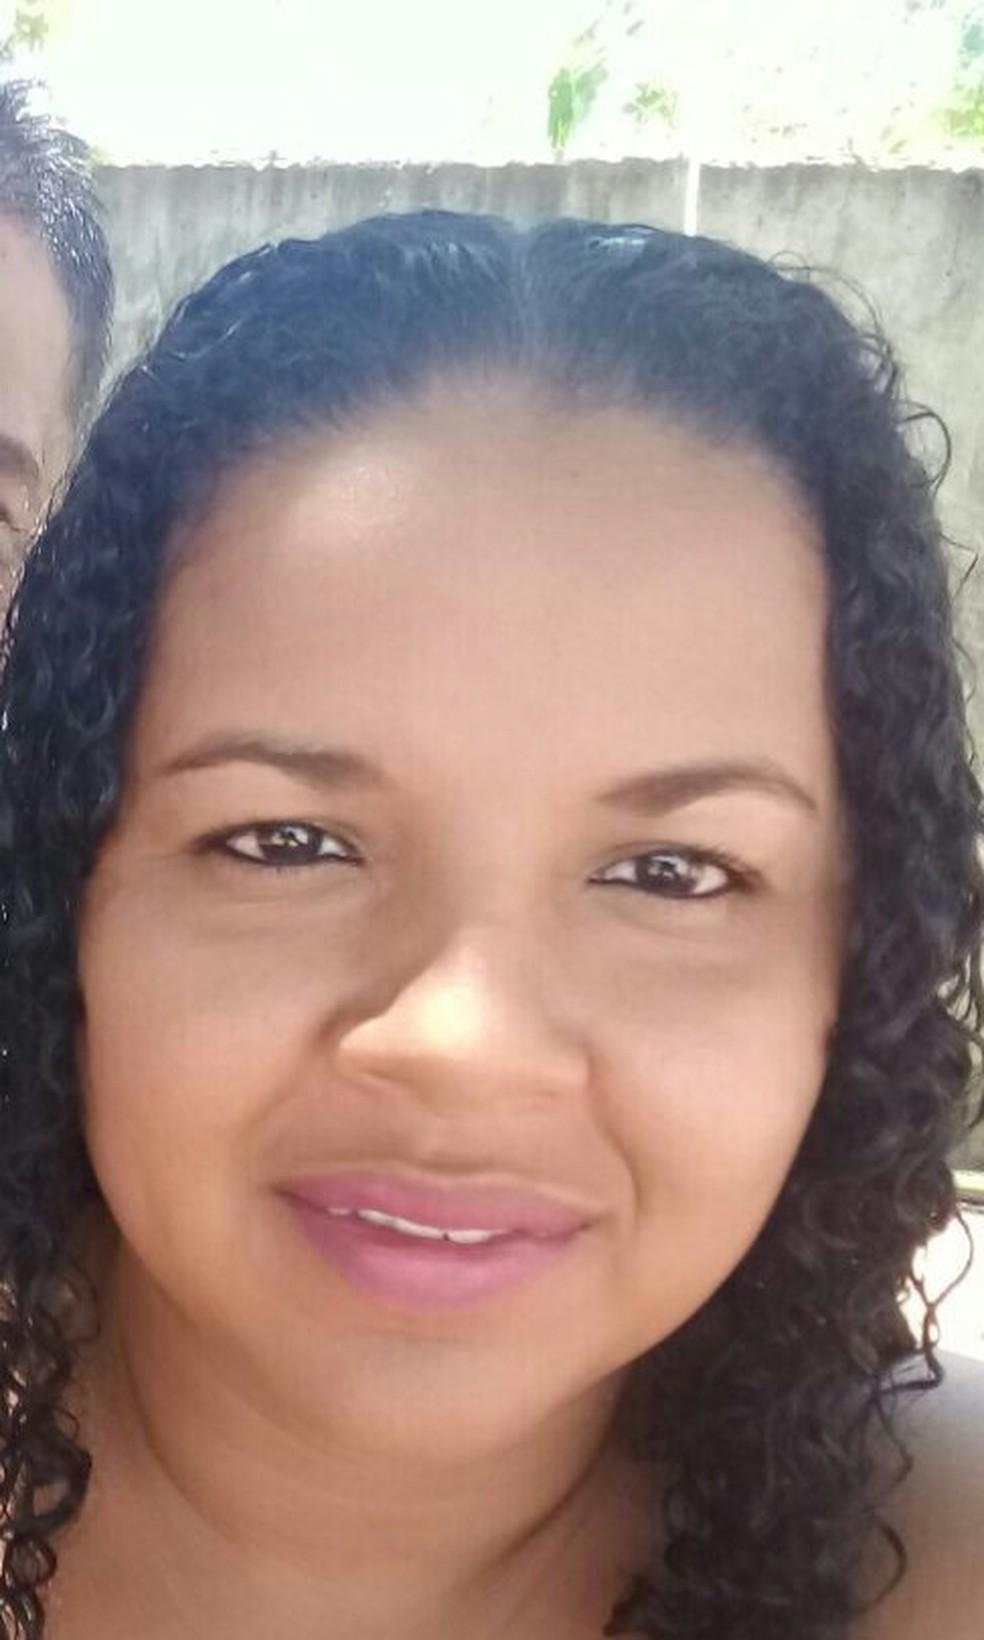 Bianela Dias da Silva, 30 anos, foi morta em quarto de motel — Foto: Facebook/Reprodução